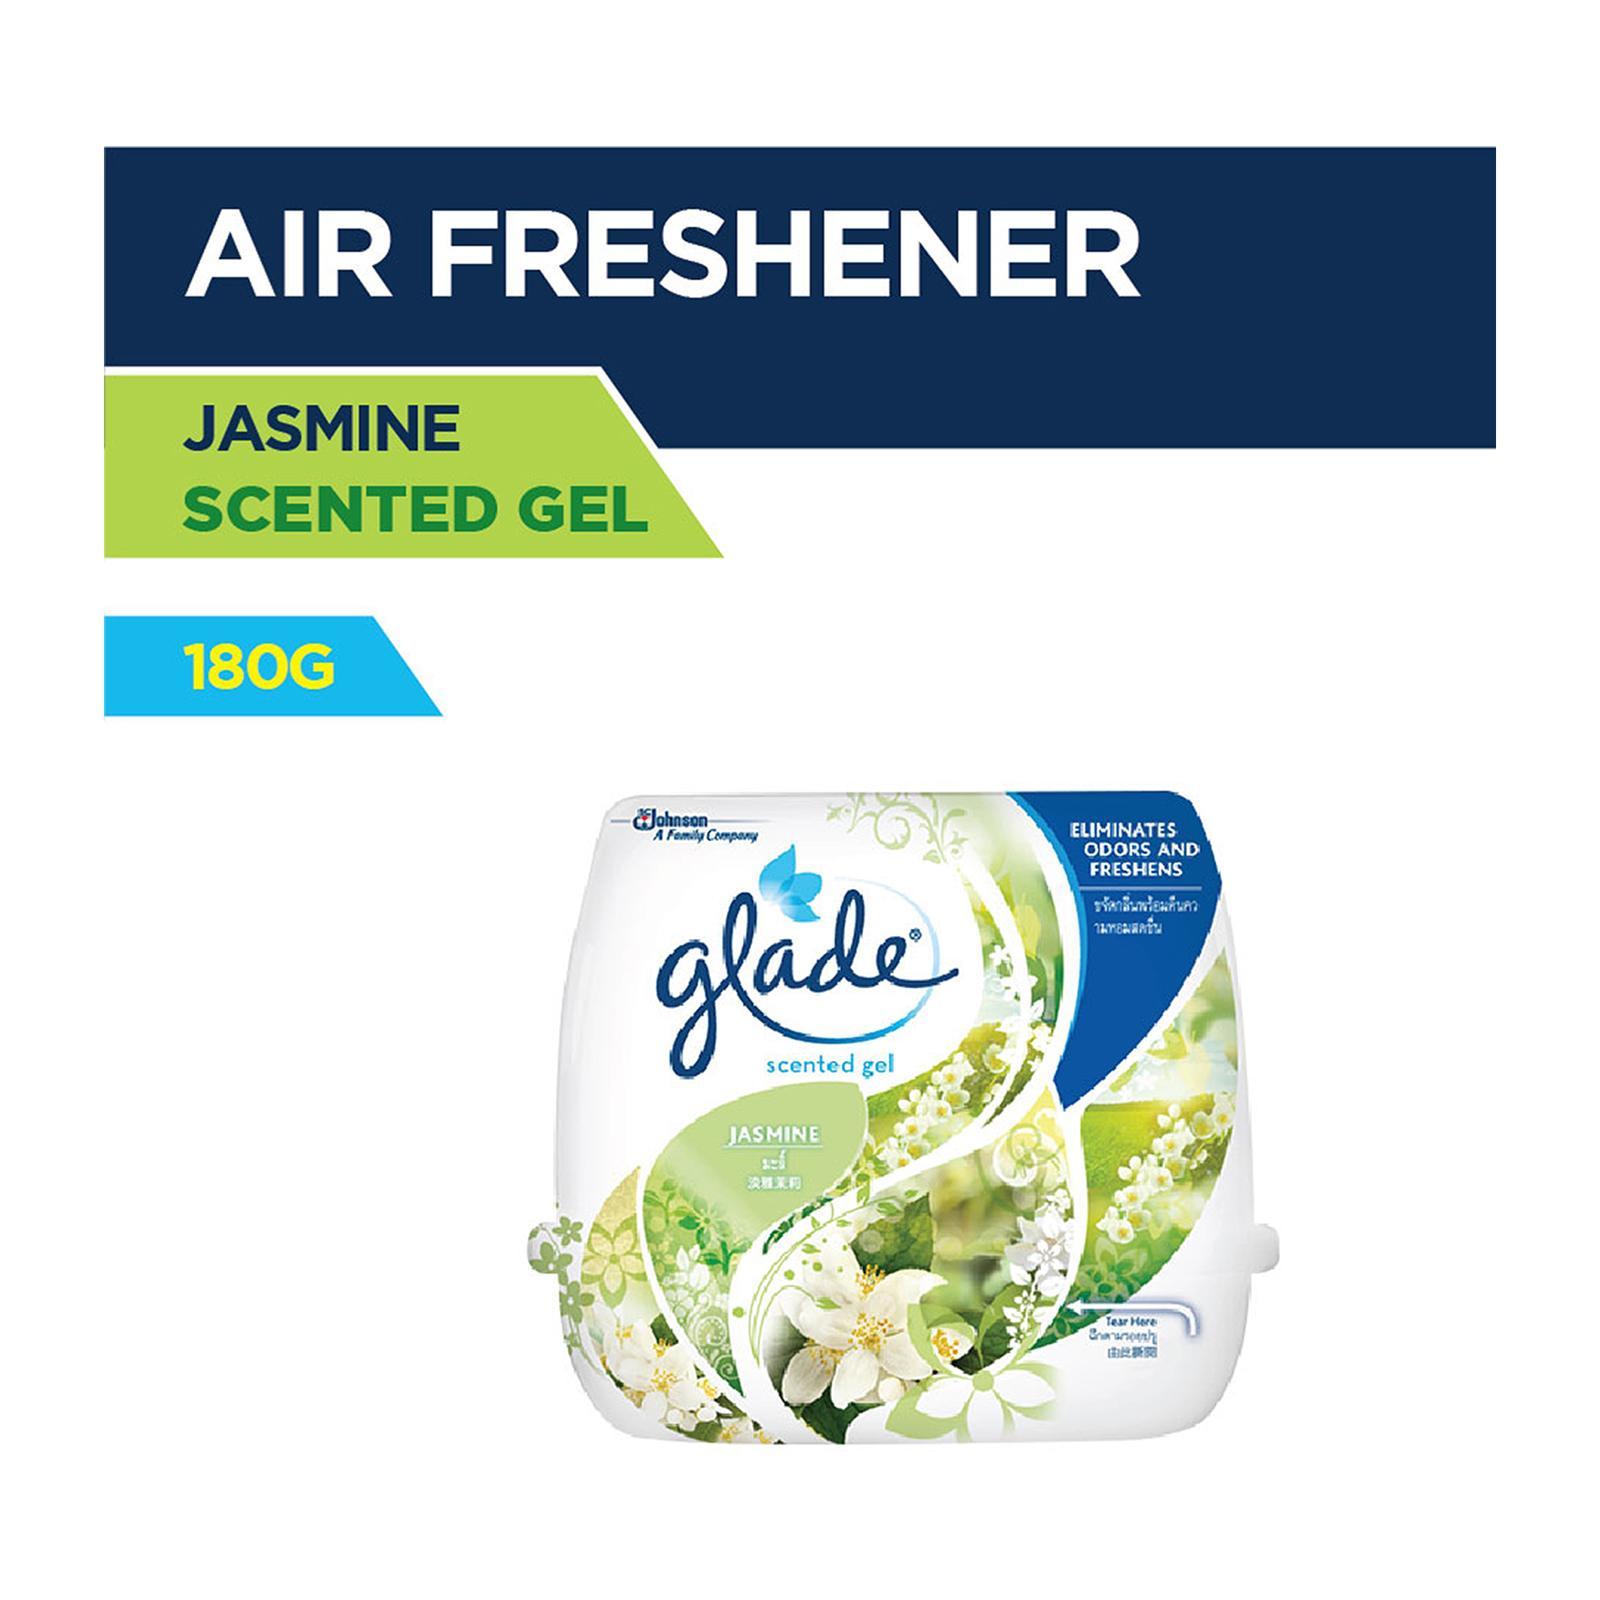 GLADE Air Freshener Scented Gel - Jasmine 180g